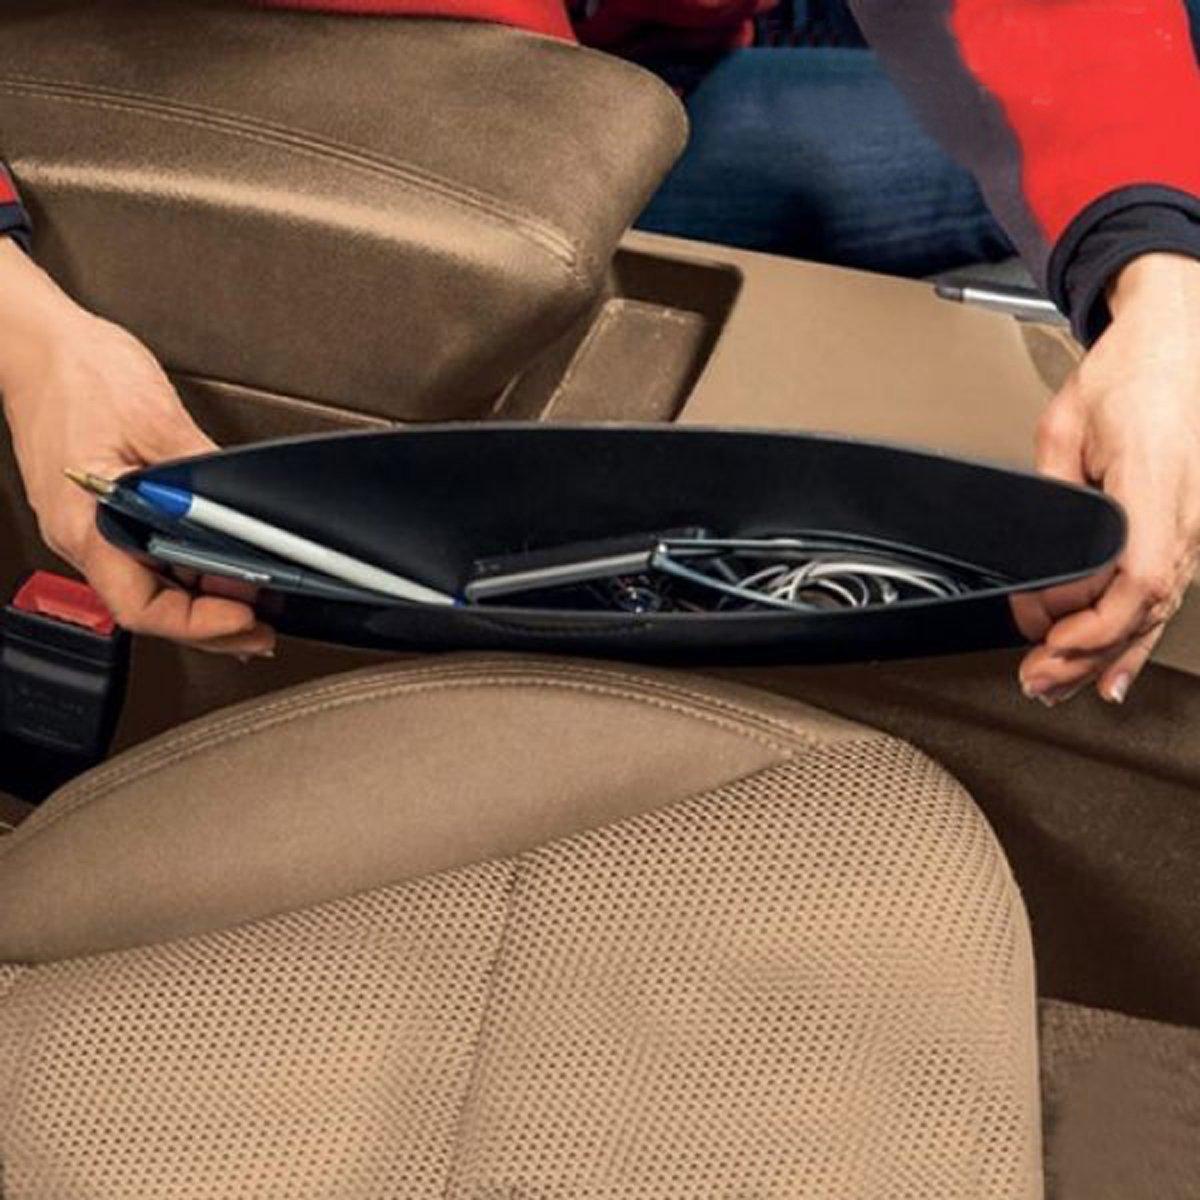 Drop Stop Porta Oggetti Auto Set da 2 vassoi Organizer per sedili in Macchina